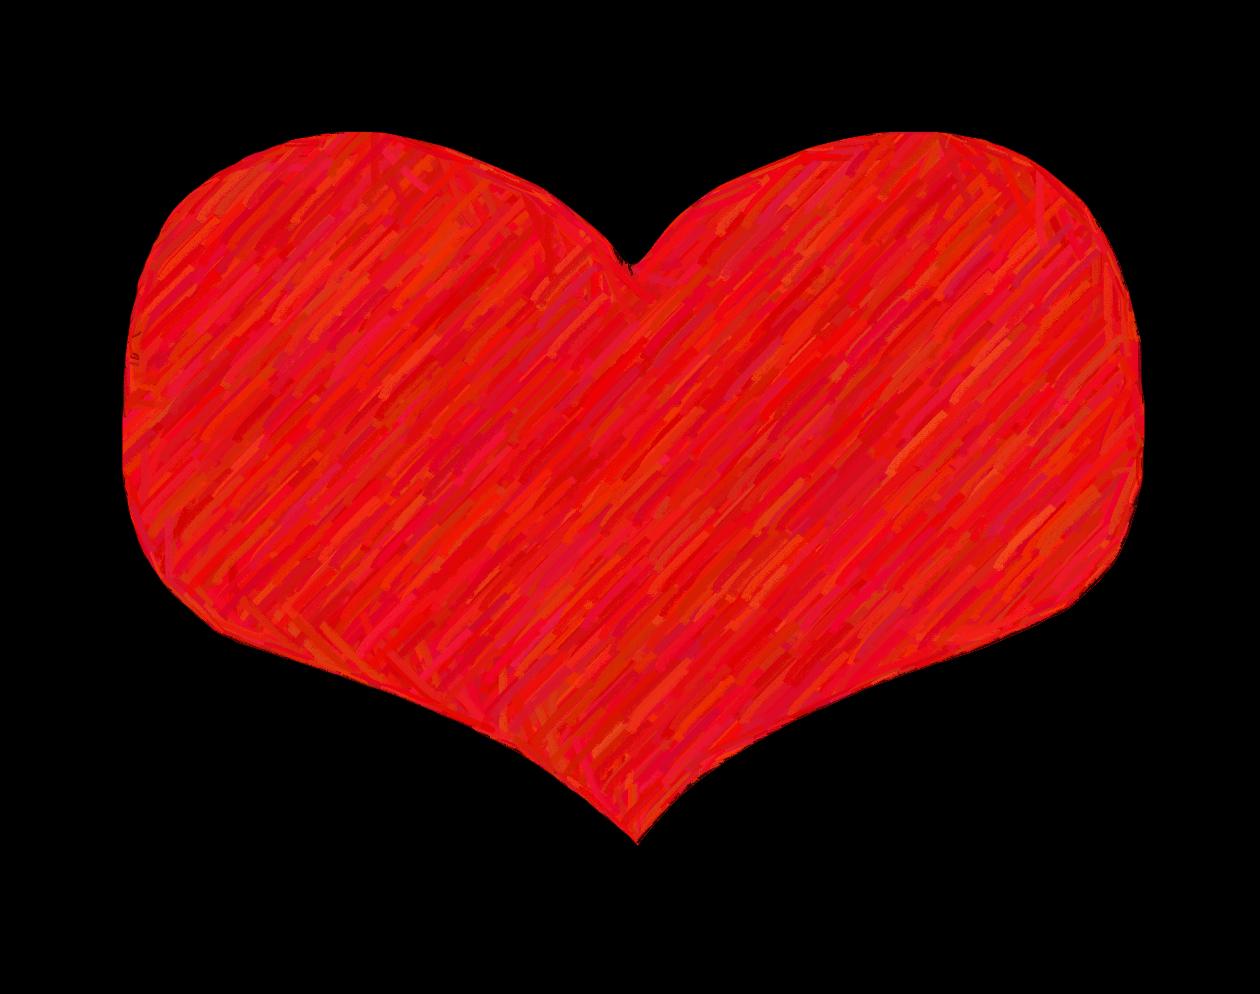 1260x994 Clip Art Of A Heart